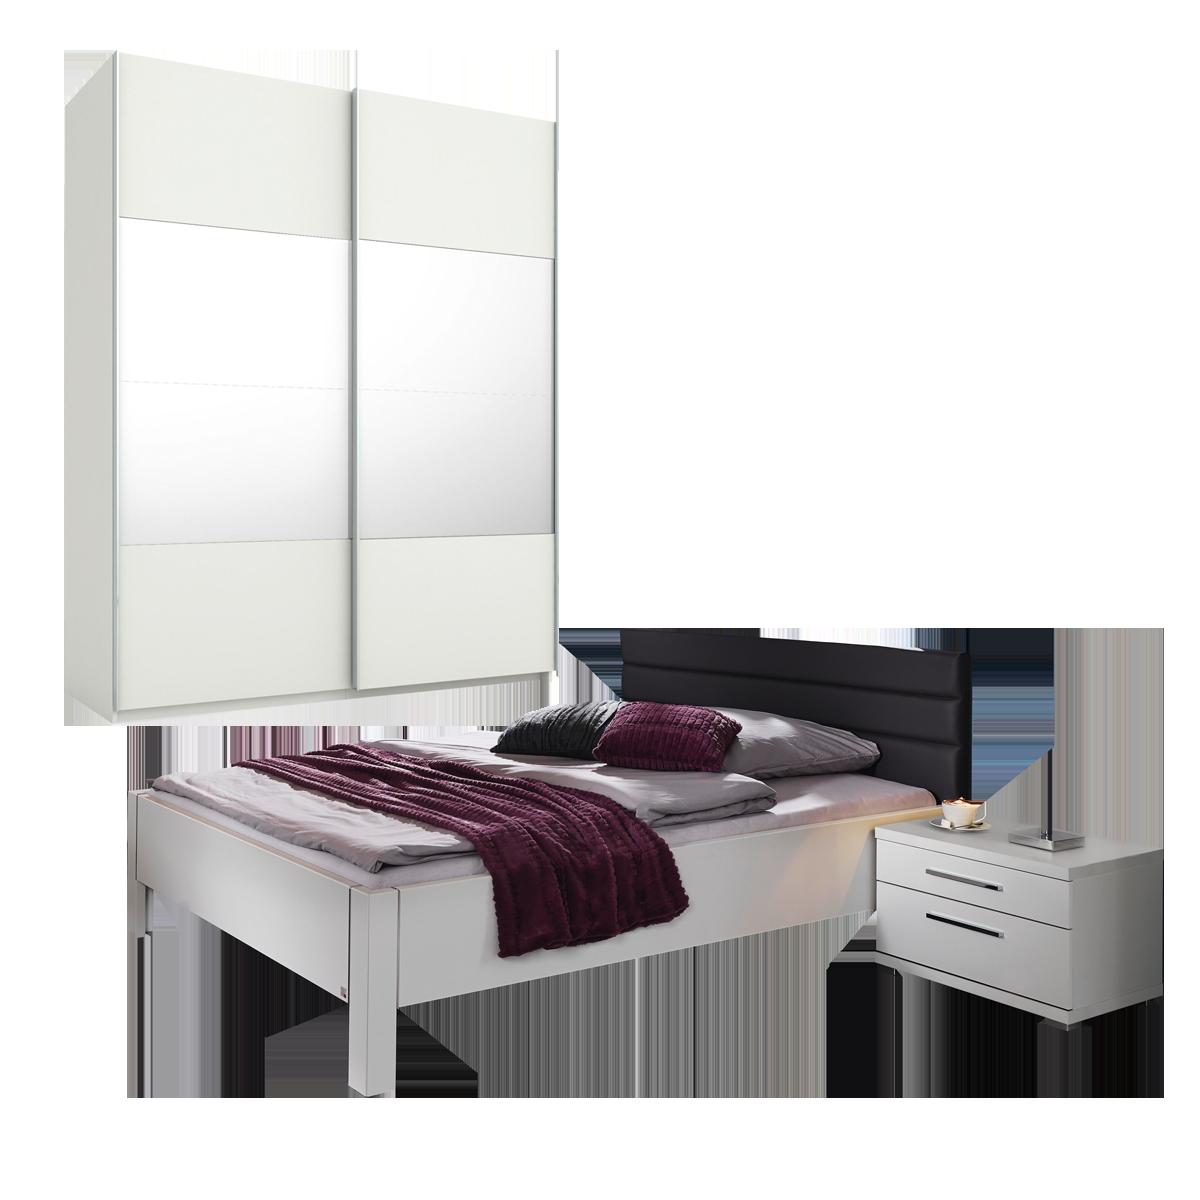 Rauch Steffen / Dialog Nice4Home Schlafzimmer 3-teilig bestehend aus  Schwebetürenschrank 2-türig mit Spiegelauflage Bett mit Polsterkopfteil in  ...